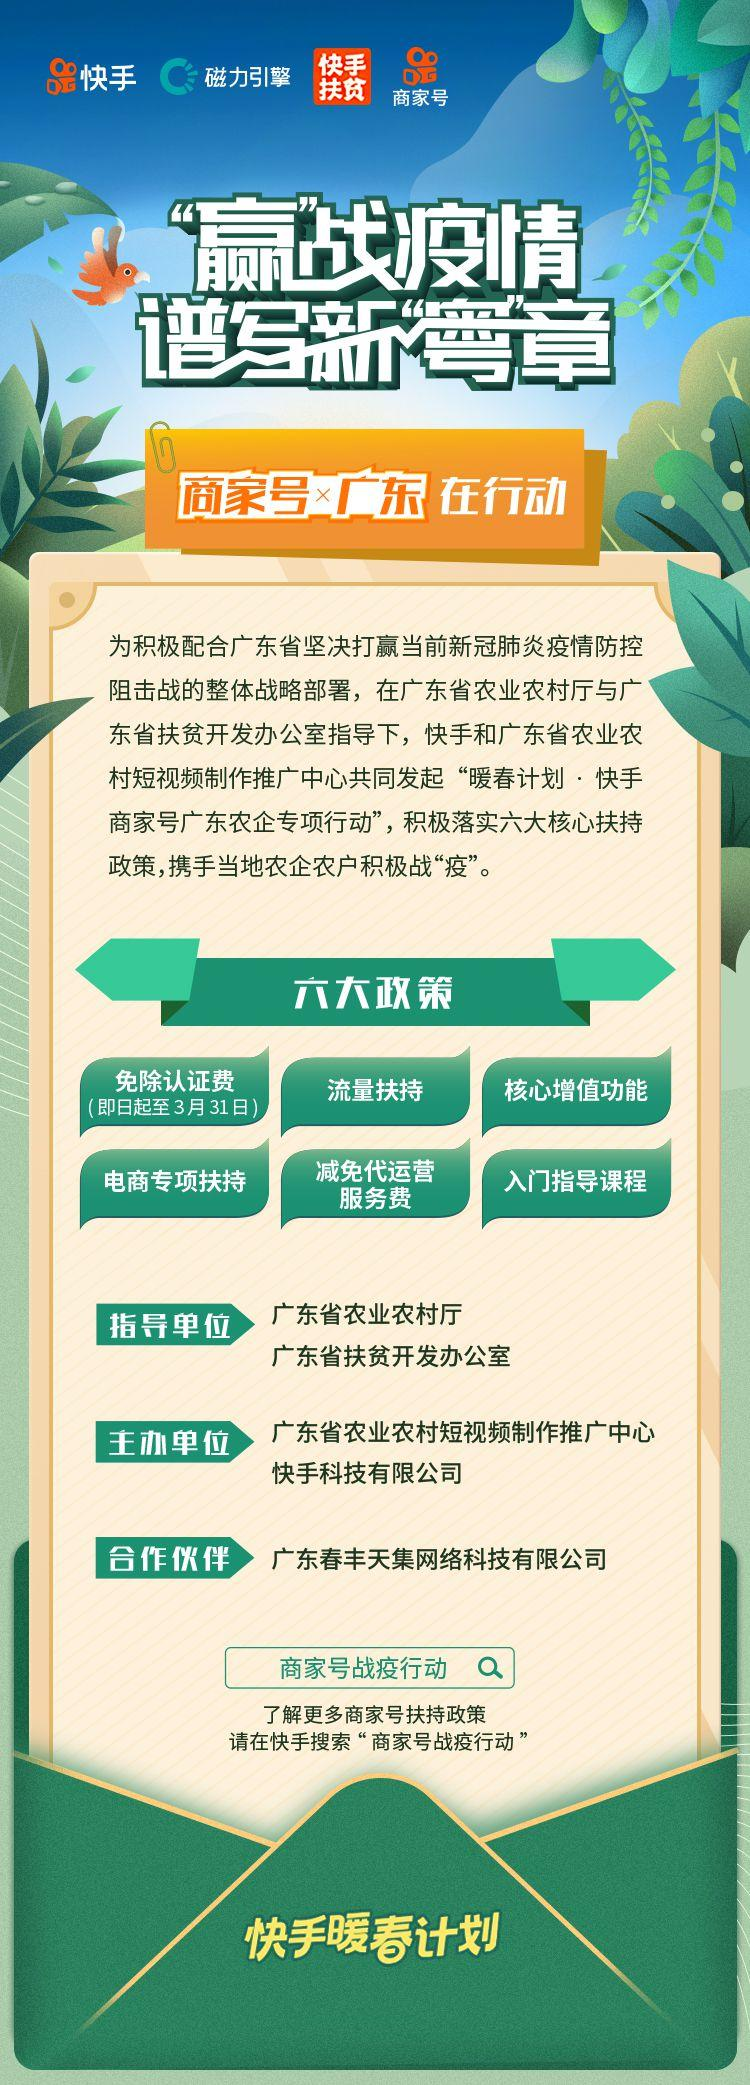 """""""暖春""""已至:快手商家号广东专项行动,奏响助农扶贫新""""粤""""章-阳光在线"""